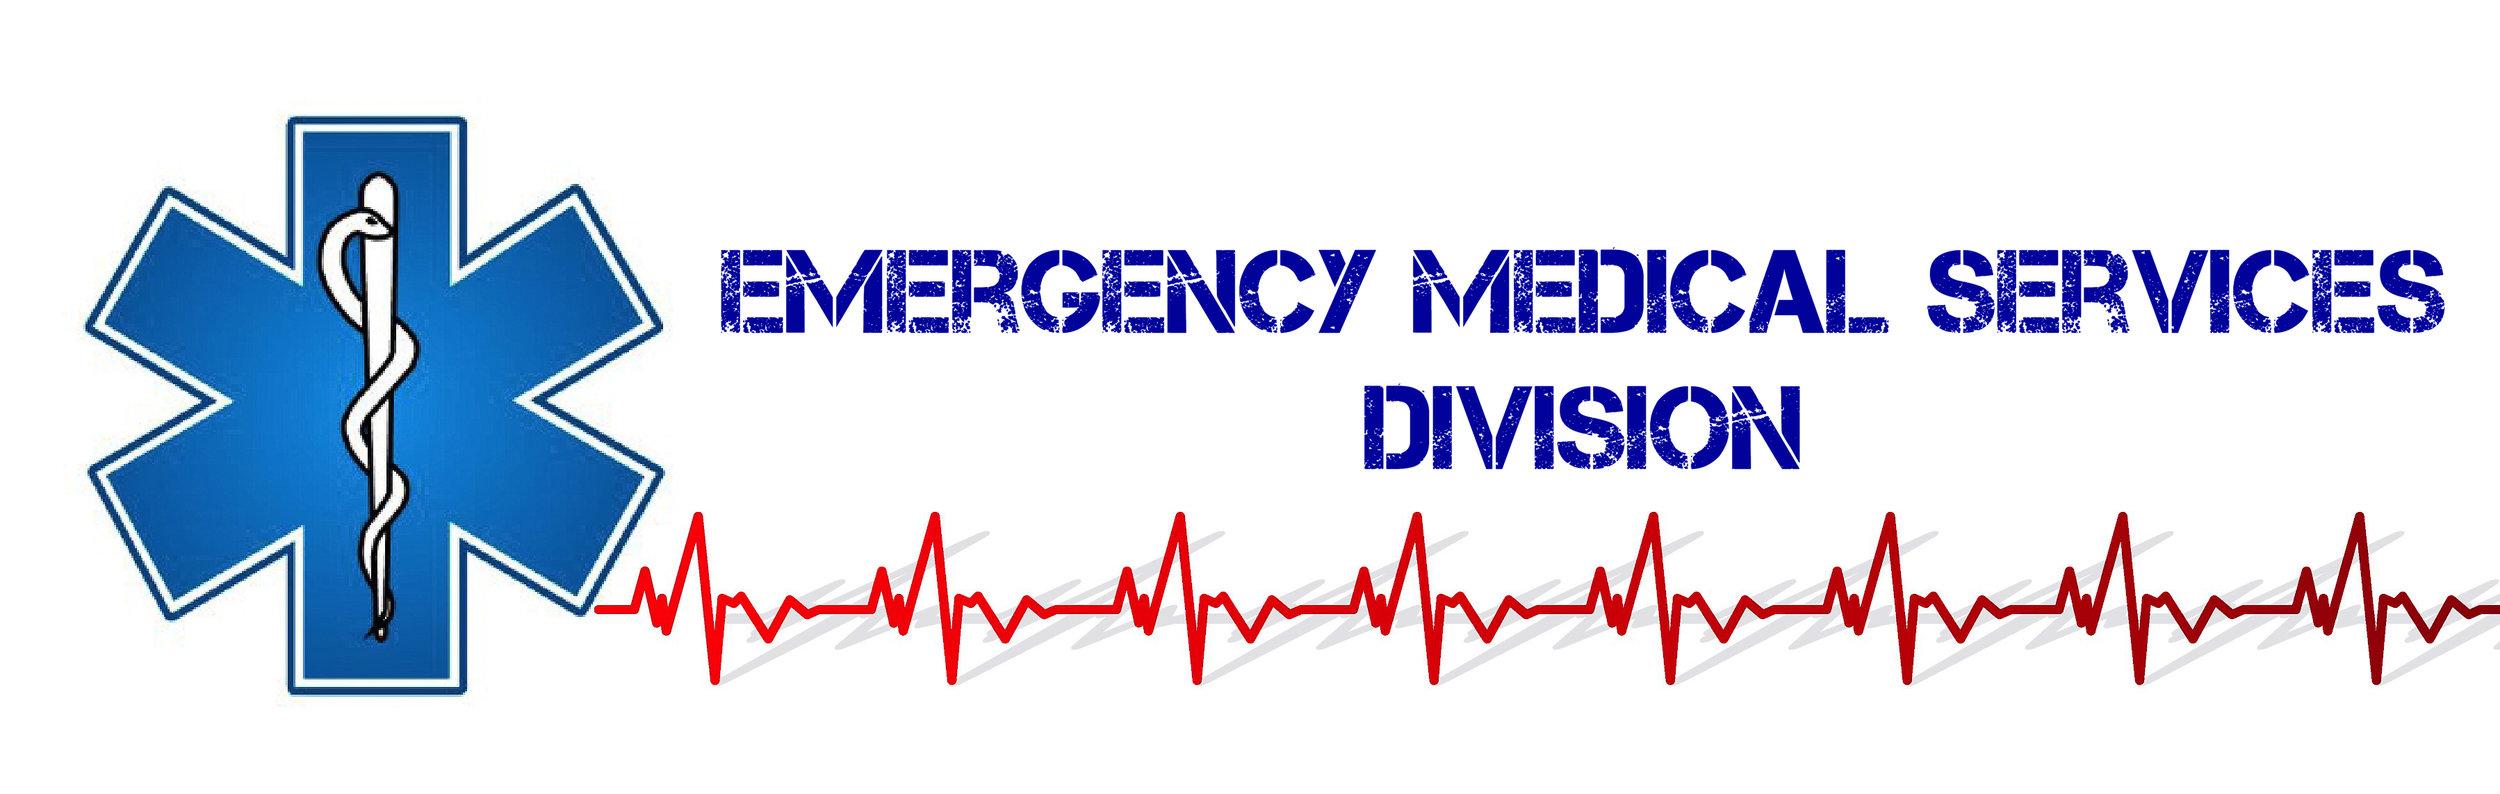 ems division.jpg